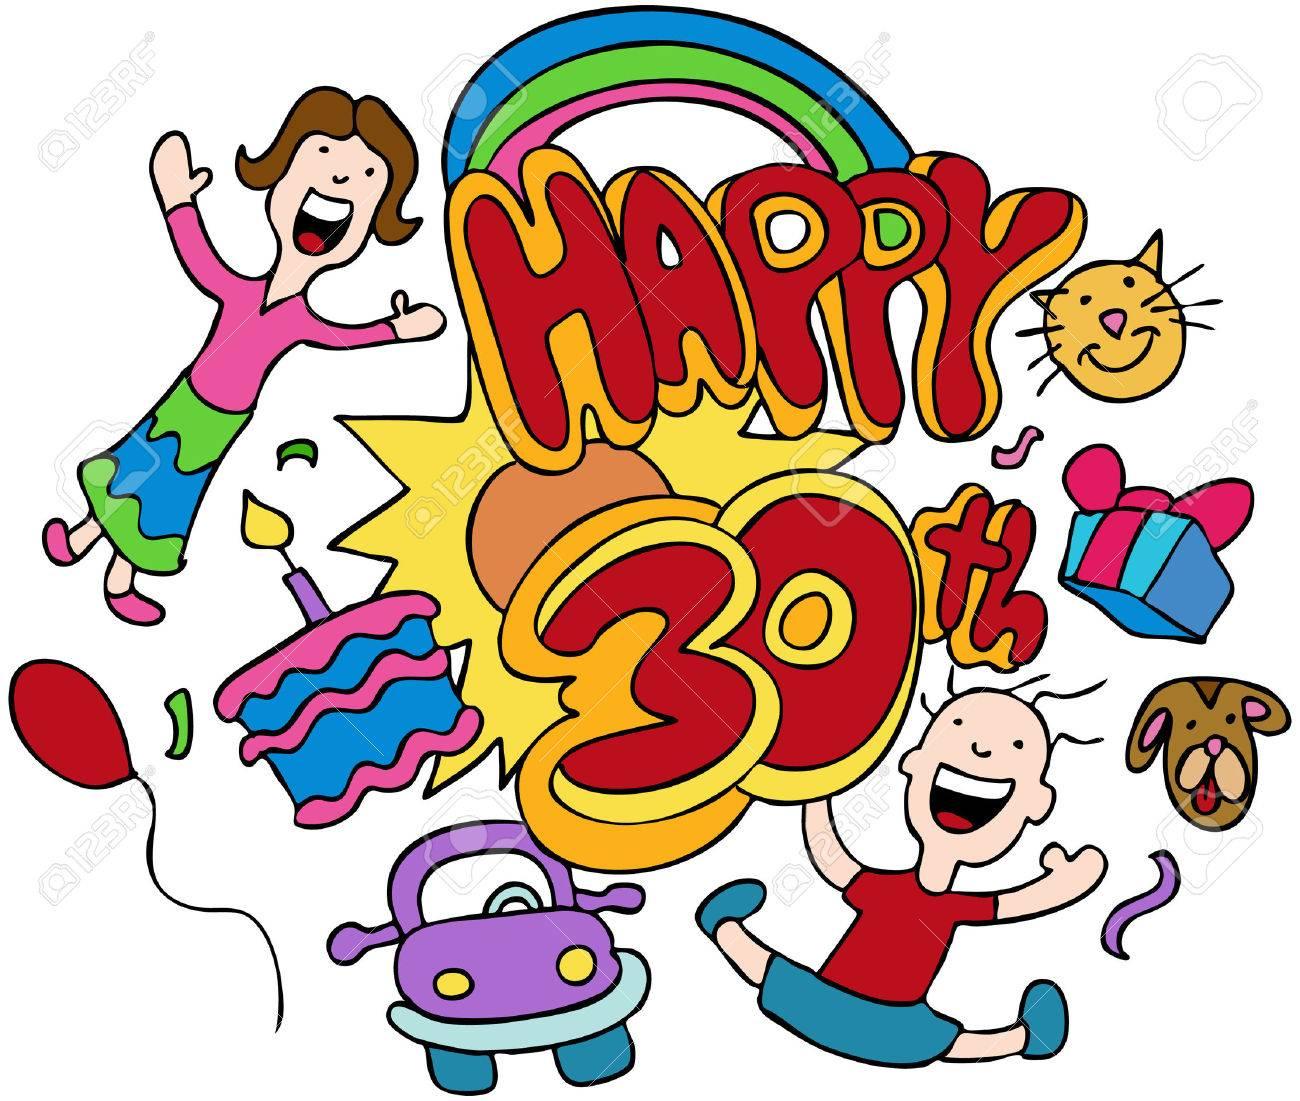 Happy 30e Verjaardag Gea Soleerd Op Een Witte Achtergrond Royalty